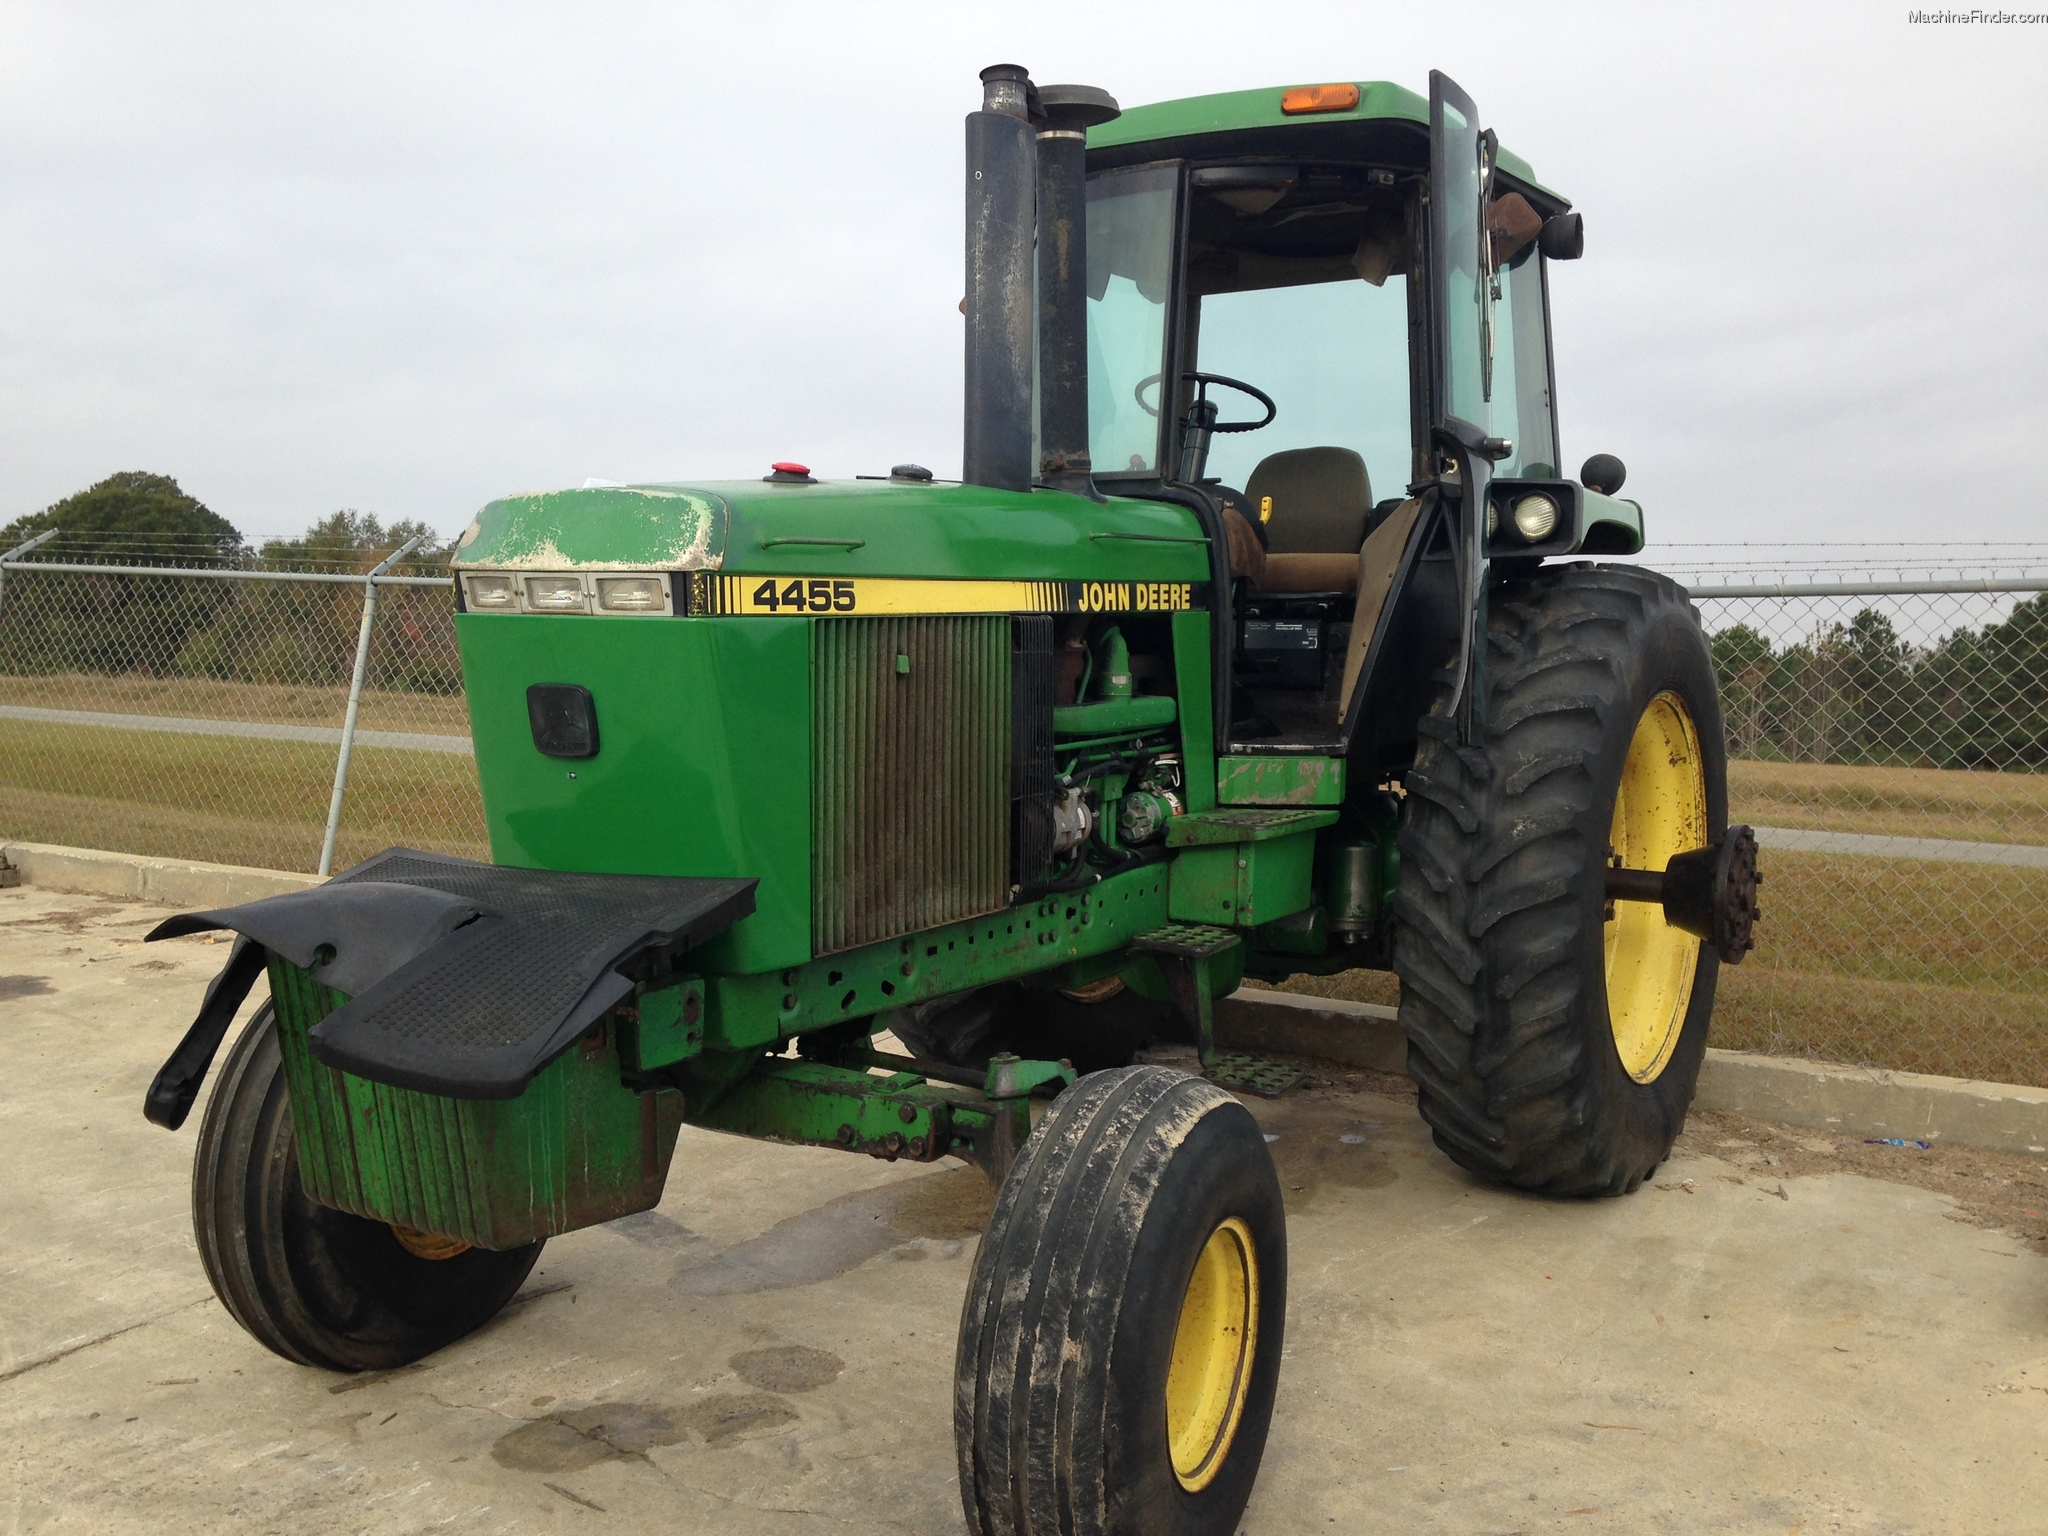 1990 John Deere 4455 Tractors - Row Crop (+100hp) - John ...